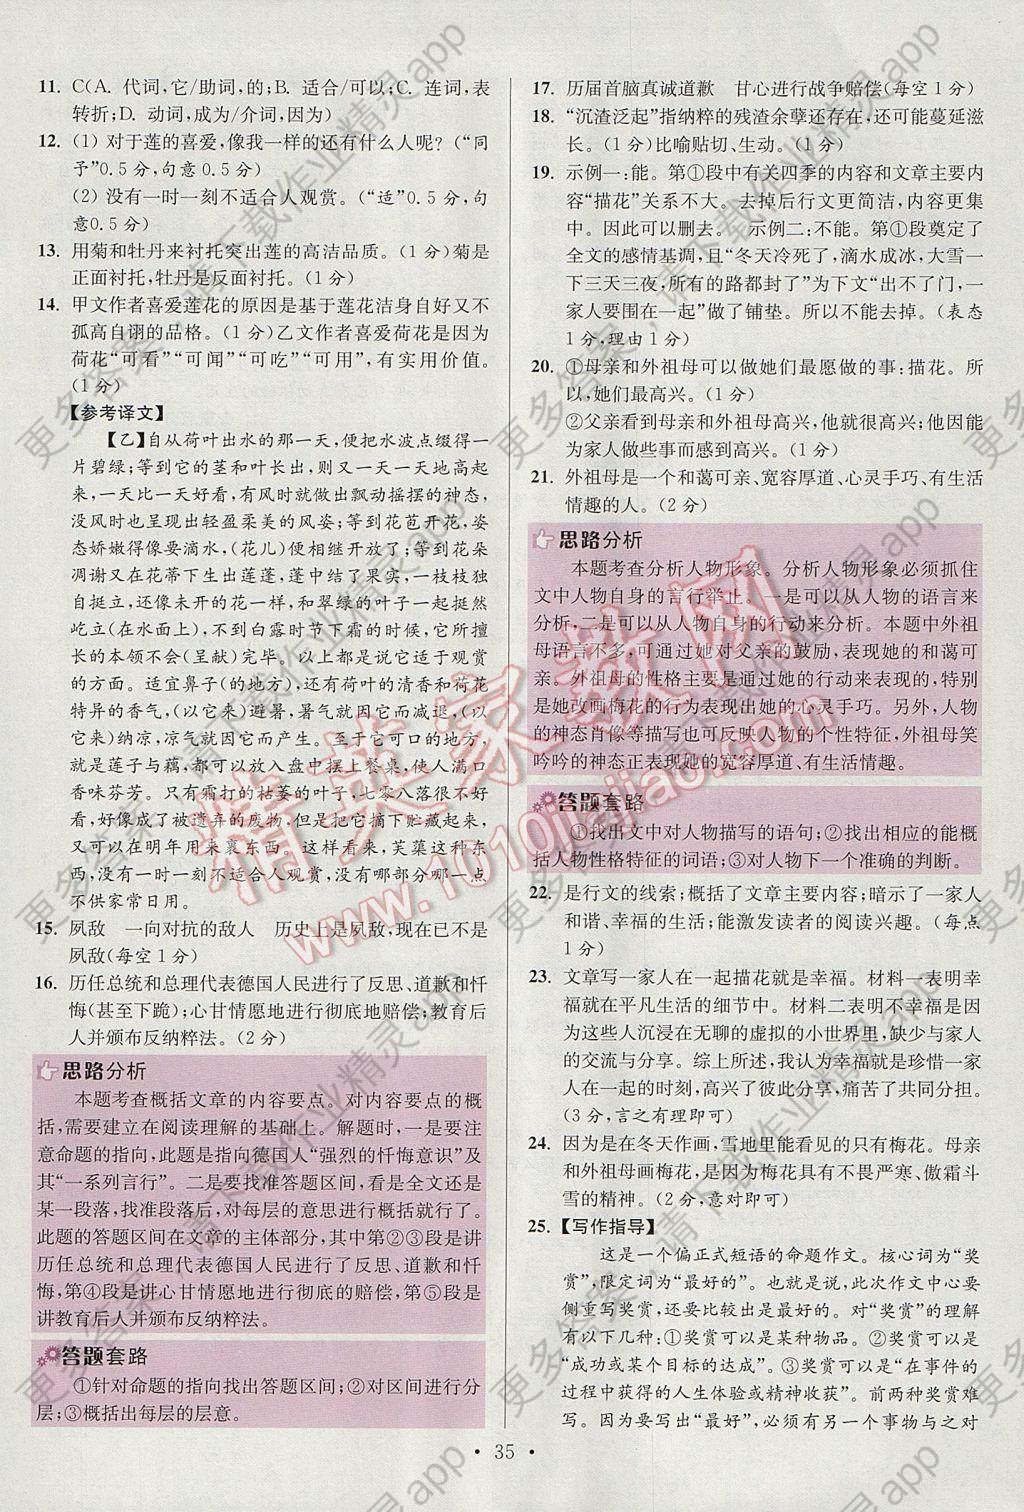 2017年年级语文小题狂做七下册初中江苏版提师资力量杭州初中图片